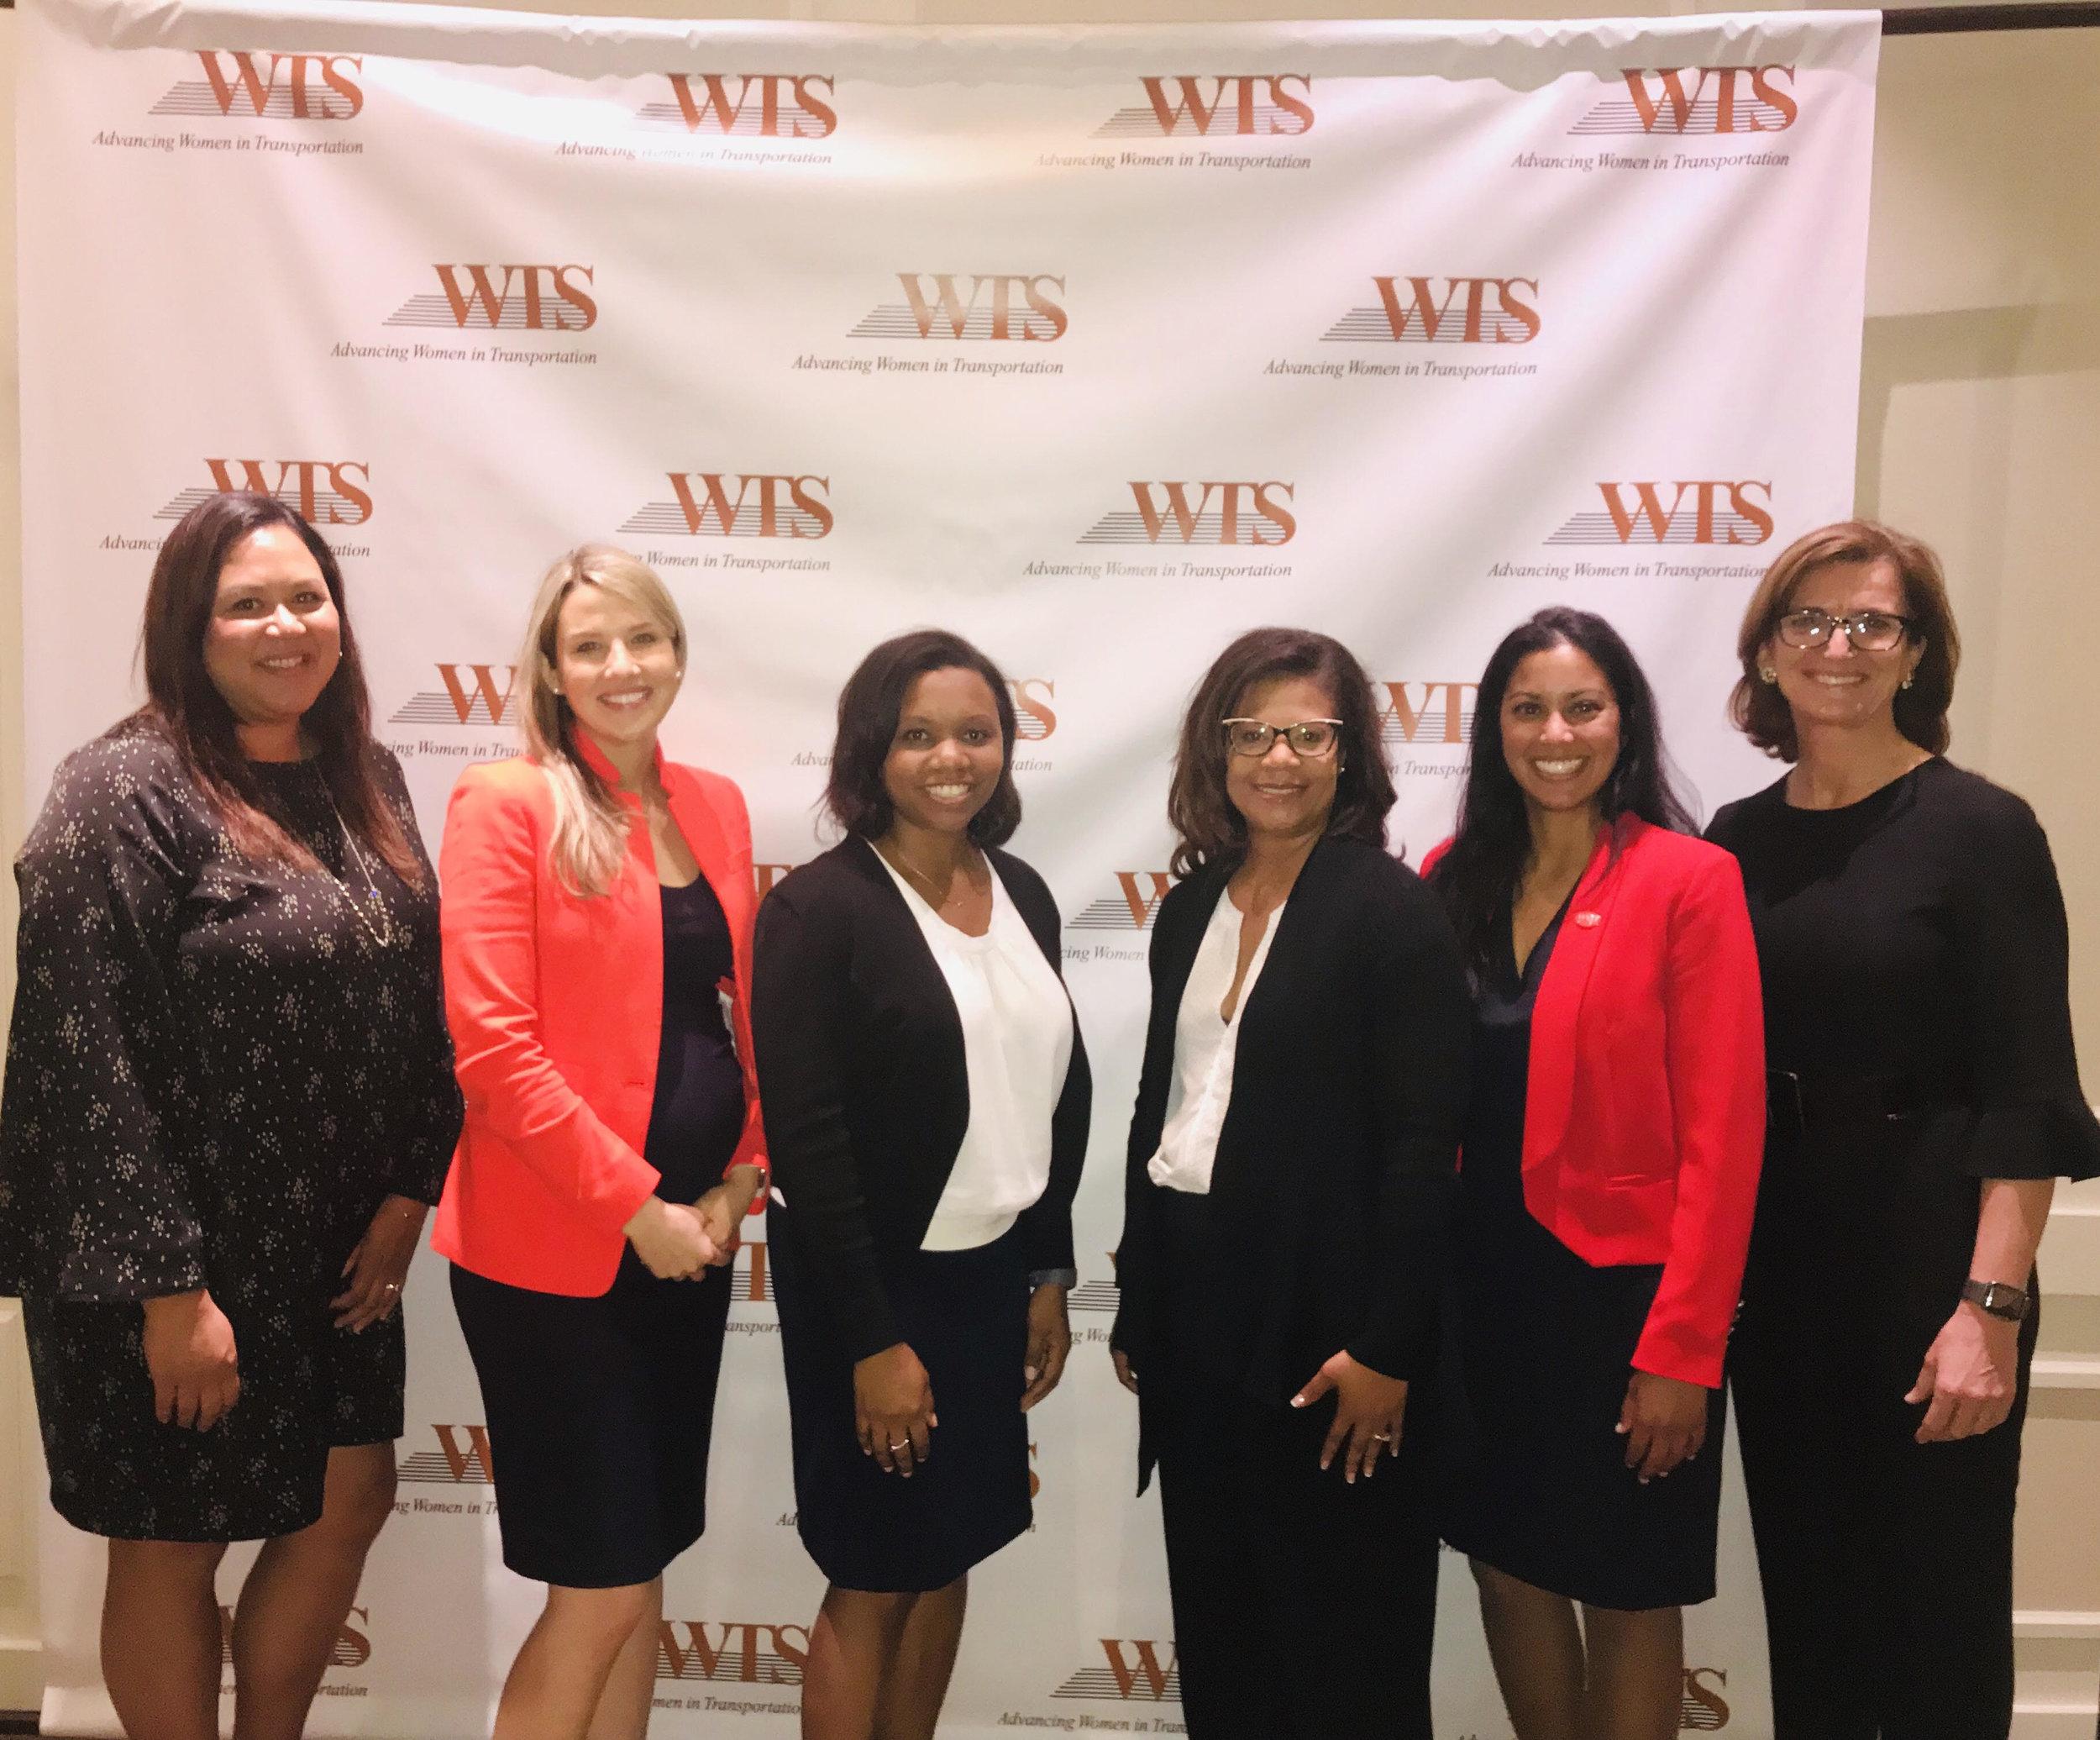 WTS DC Board members.jpg